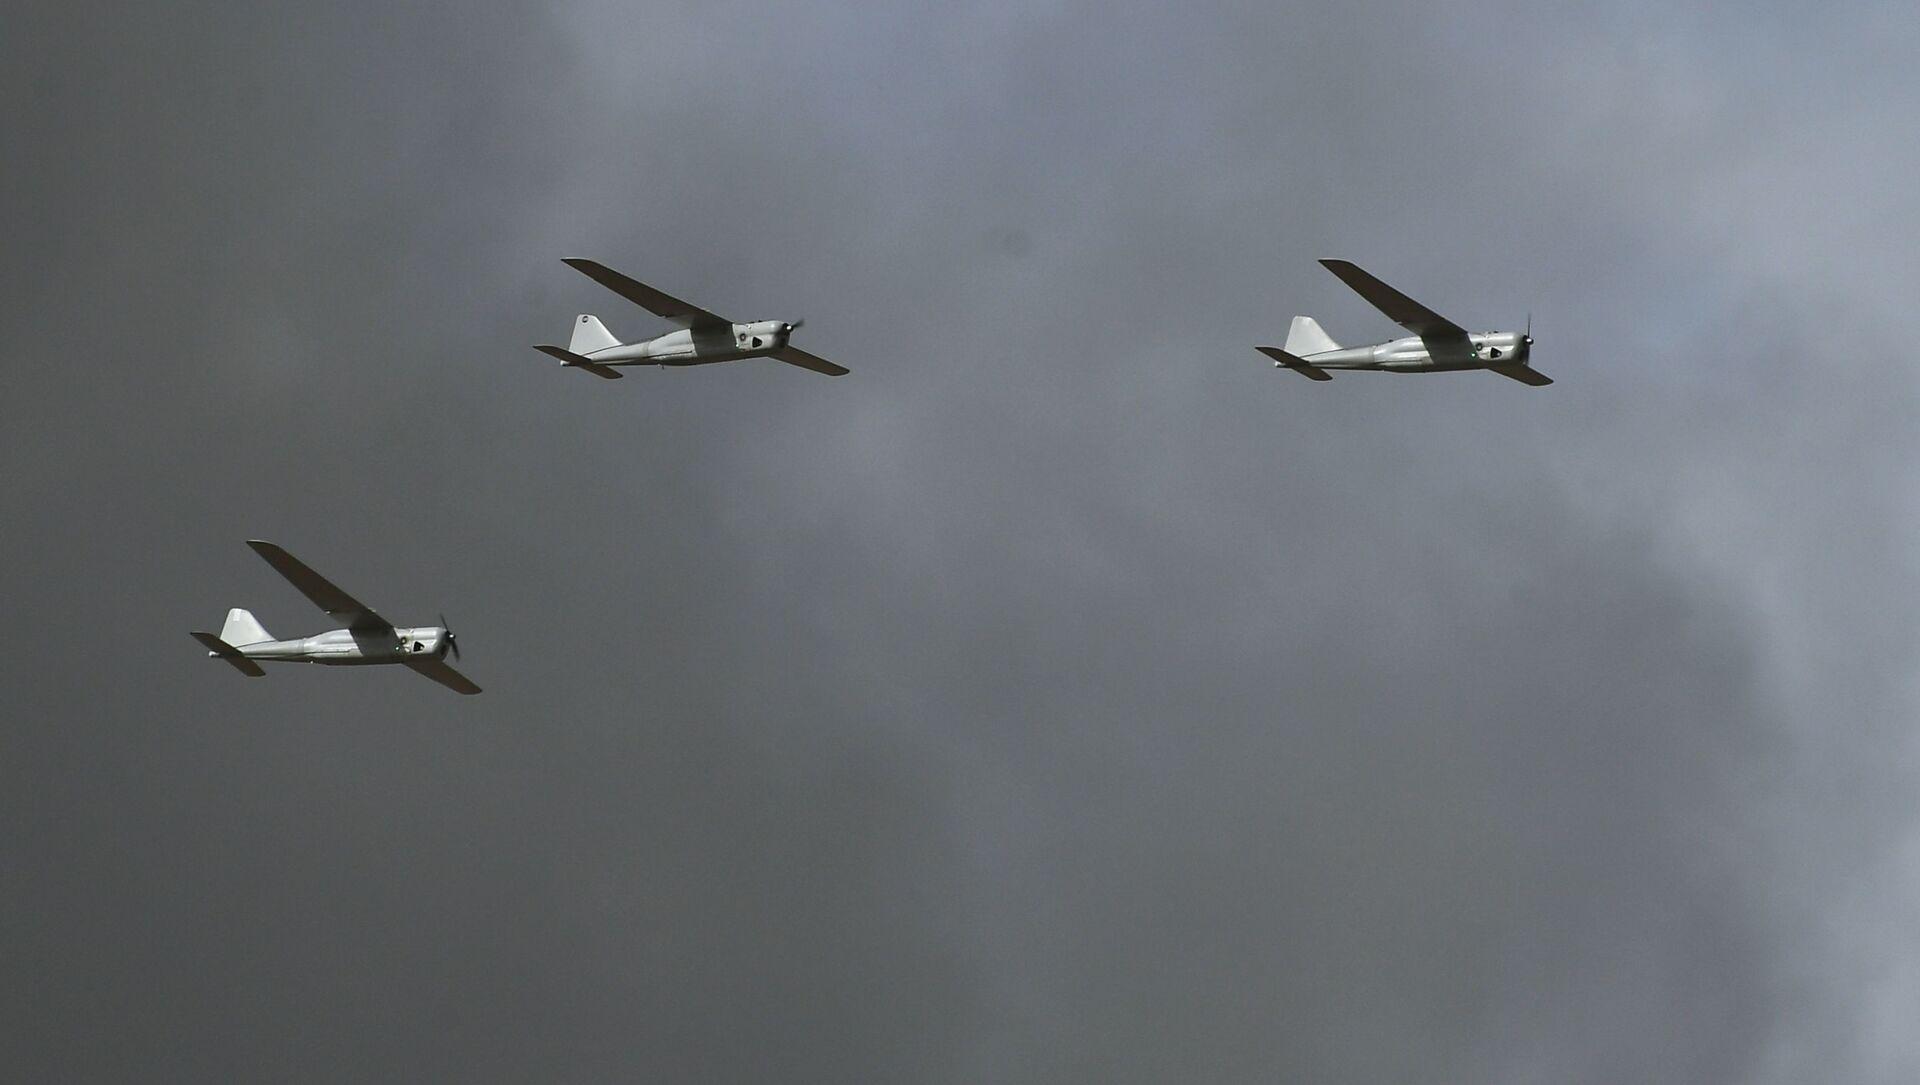 Bezpilotní letouny během cvičení Kavkaz-2020 - Sputnik Česká republika, 1920, 07.03.2021